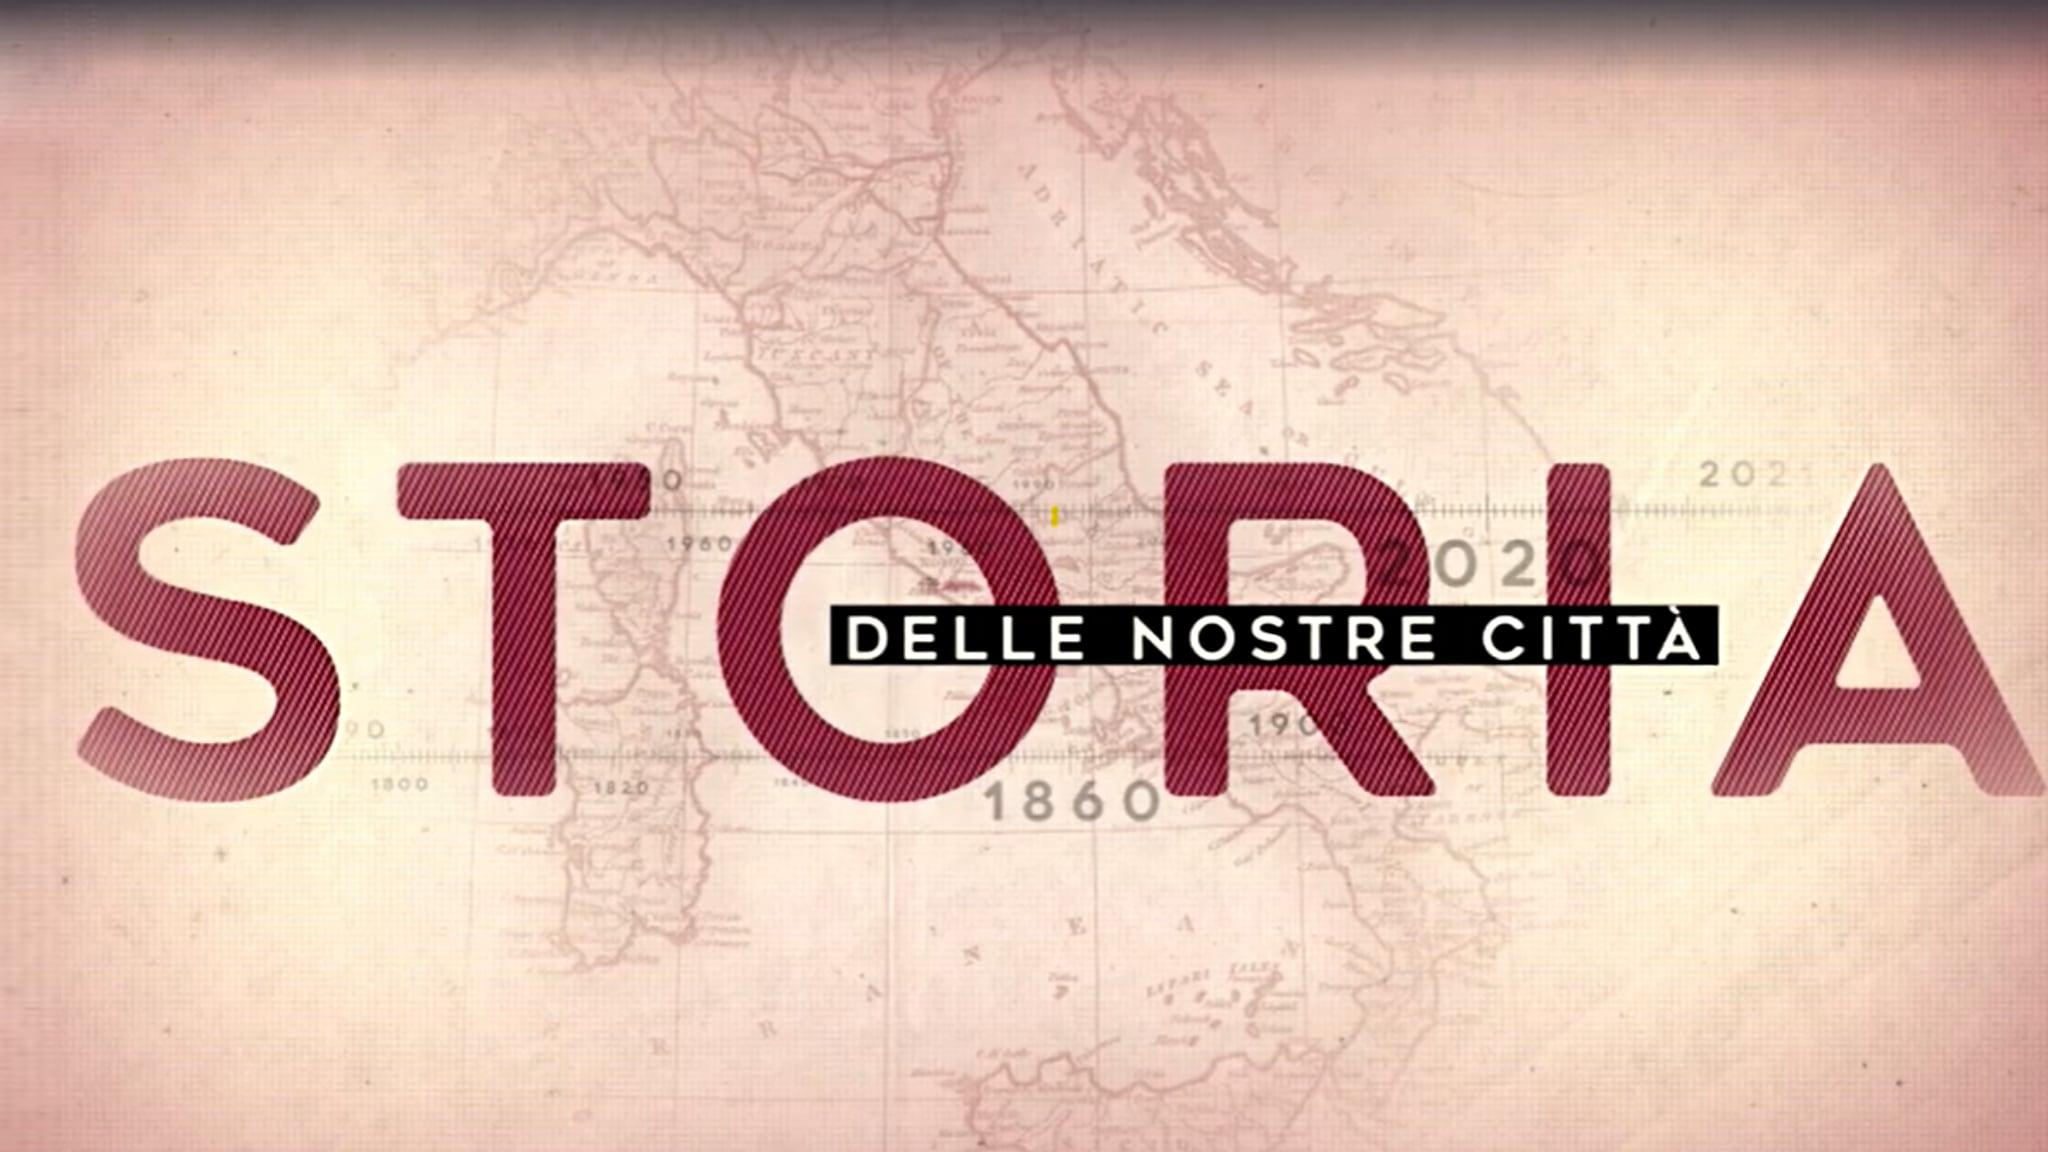 Rai Storia Storia delle nostre città (p. 4) Cagliari